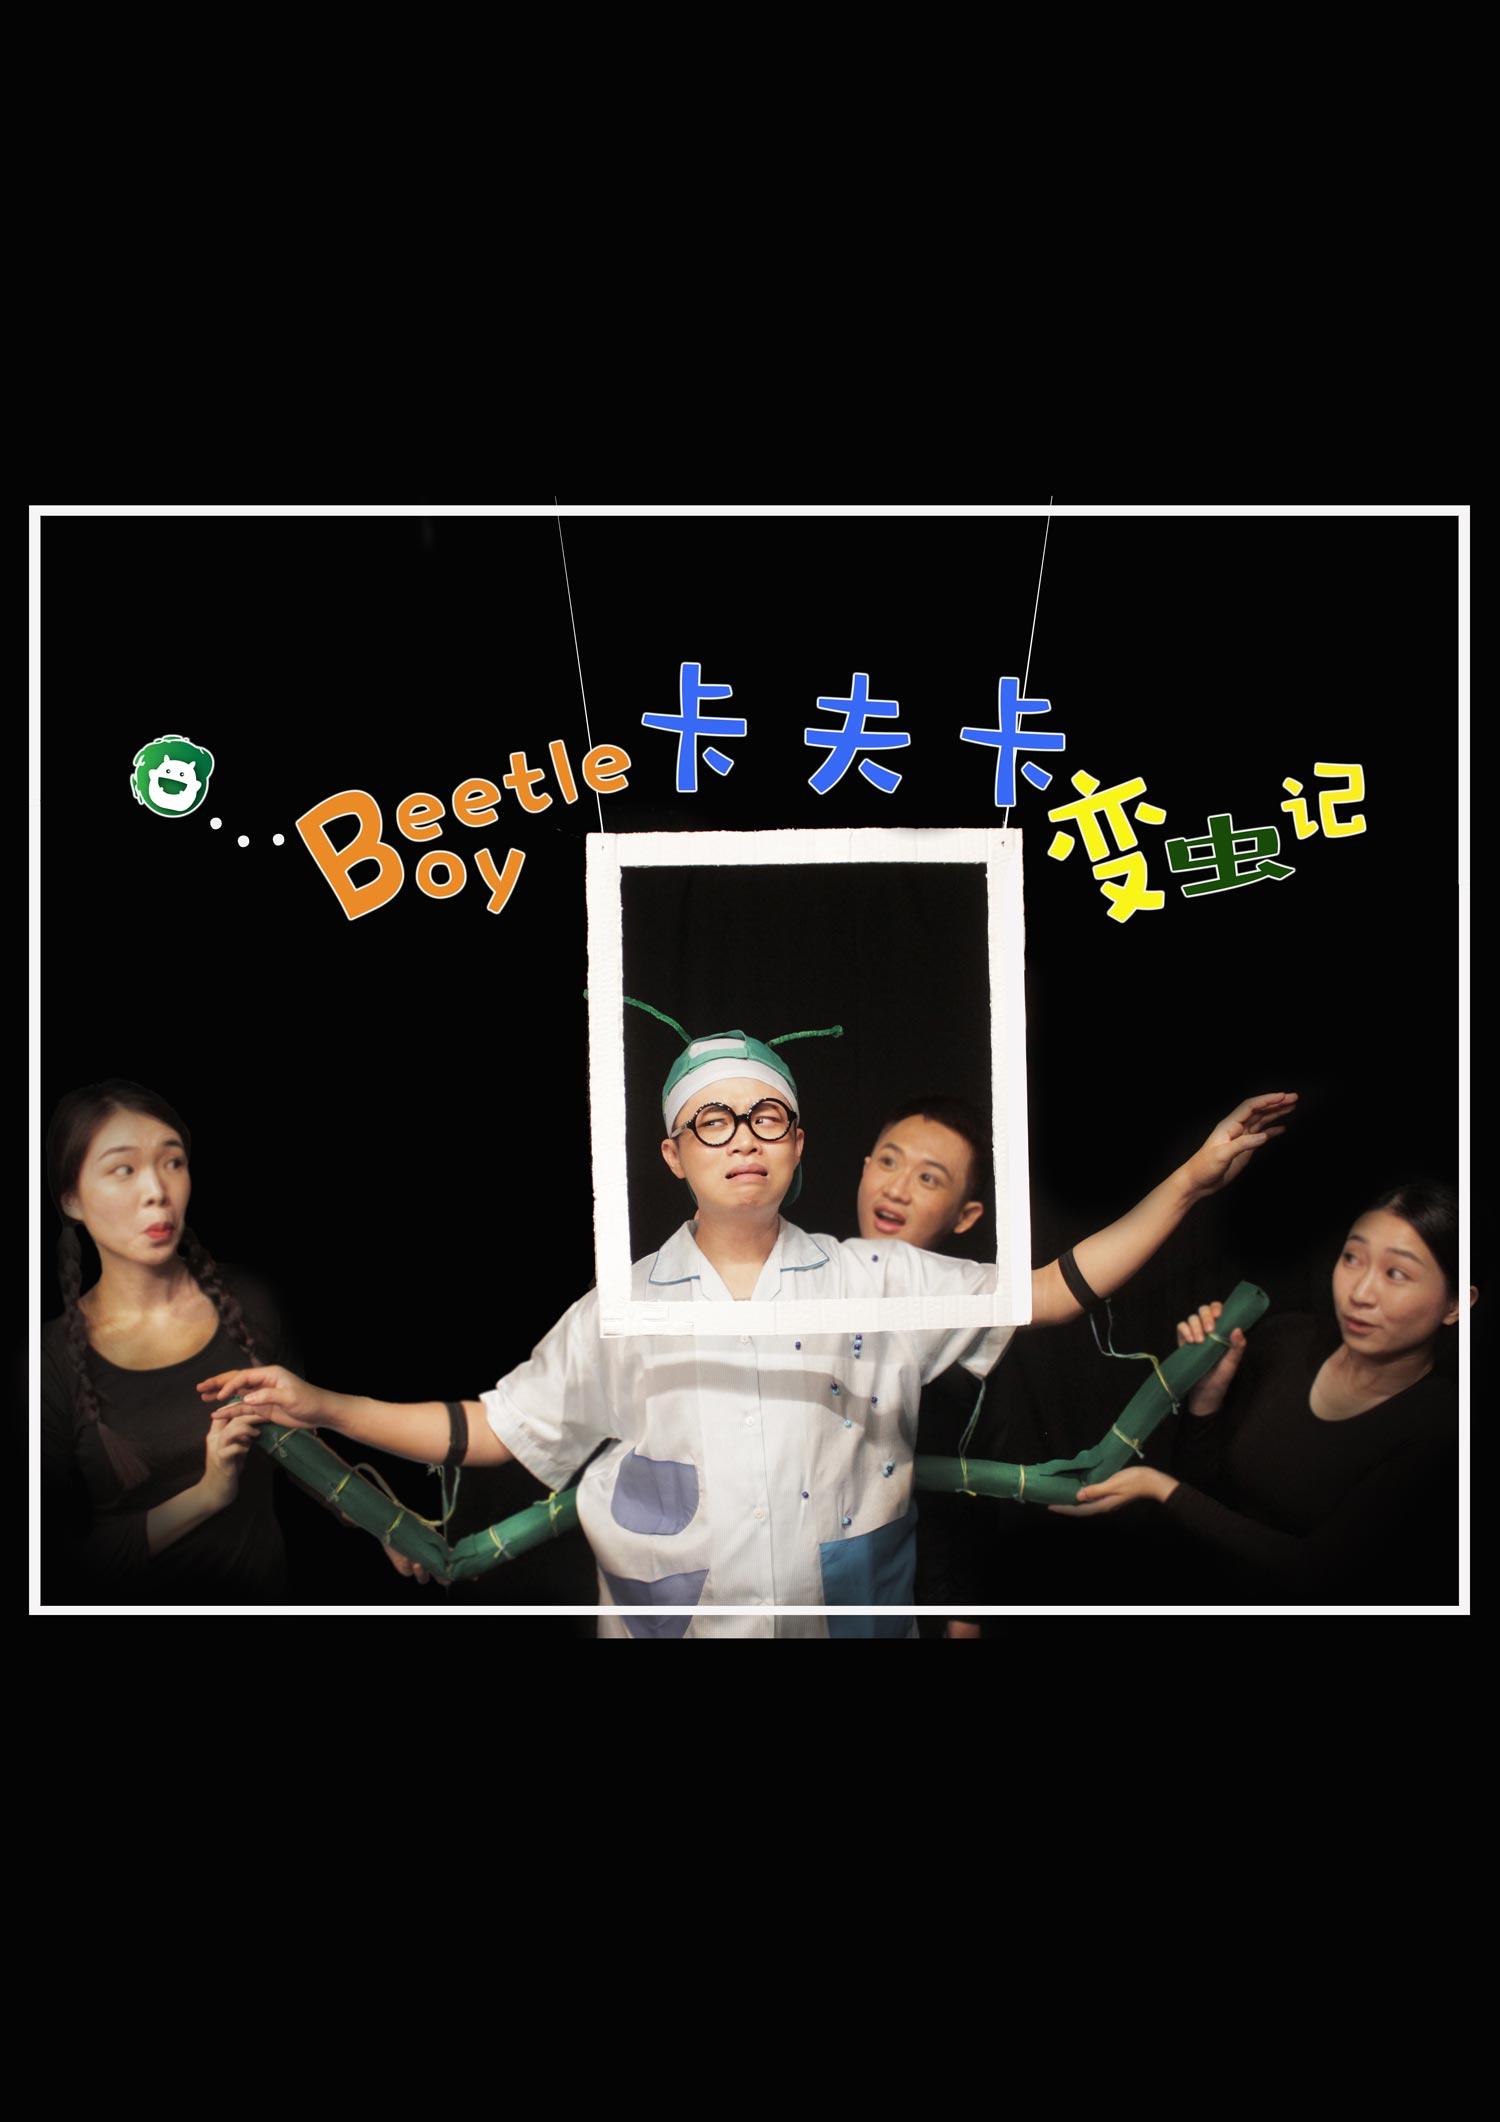 儿童剧场《卡夫卡变虫记》 Children's Theatre 'Beetle Boy'